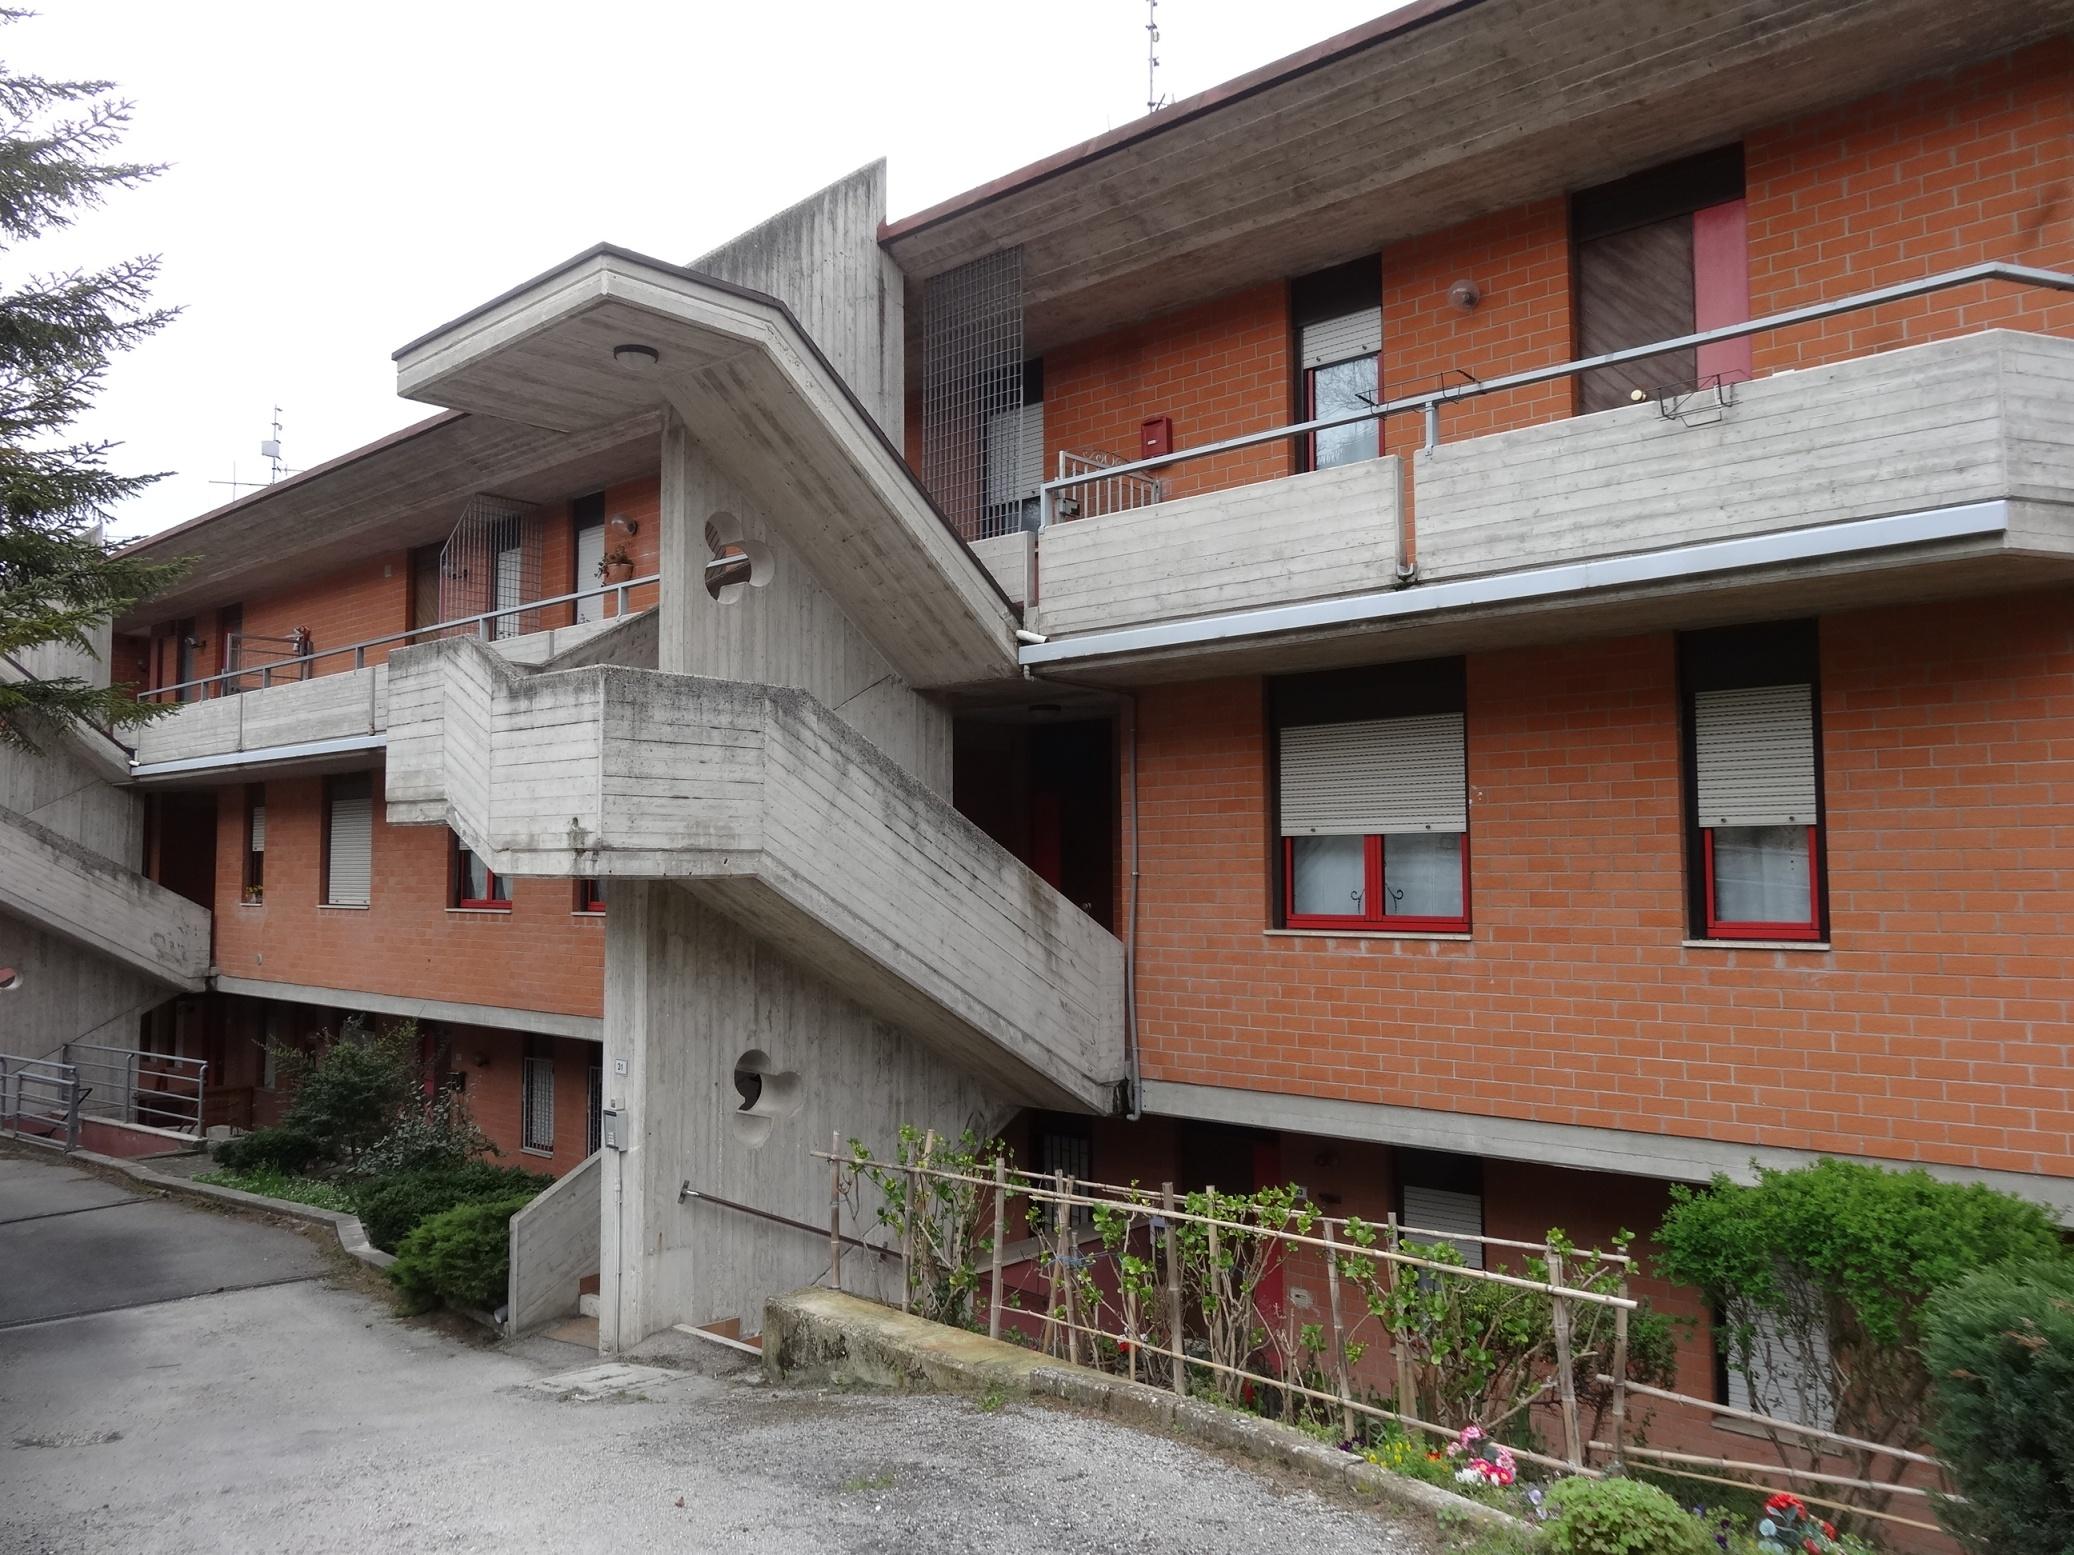 139 – Mansarda in Centro